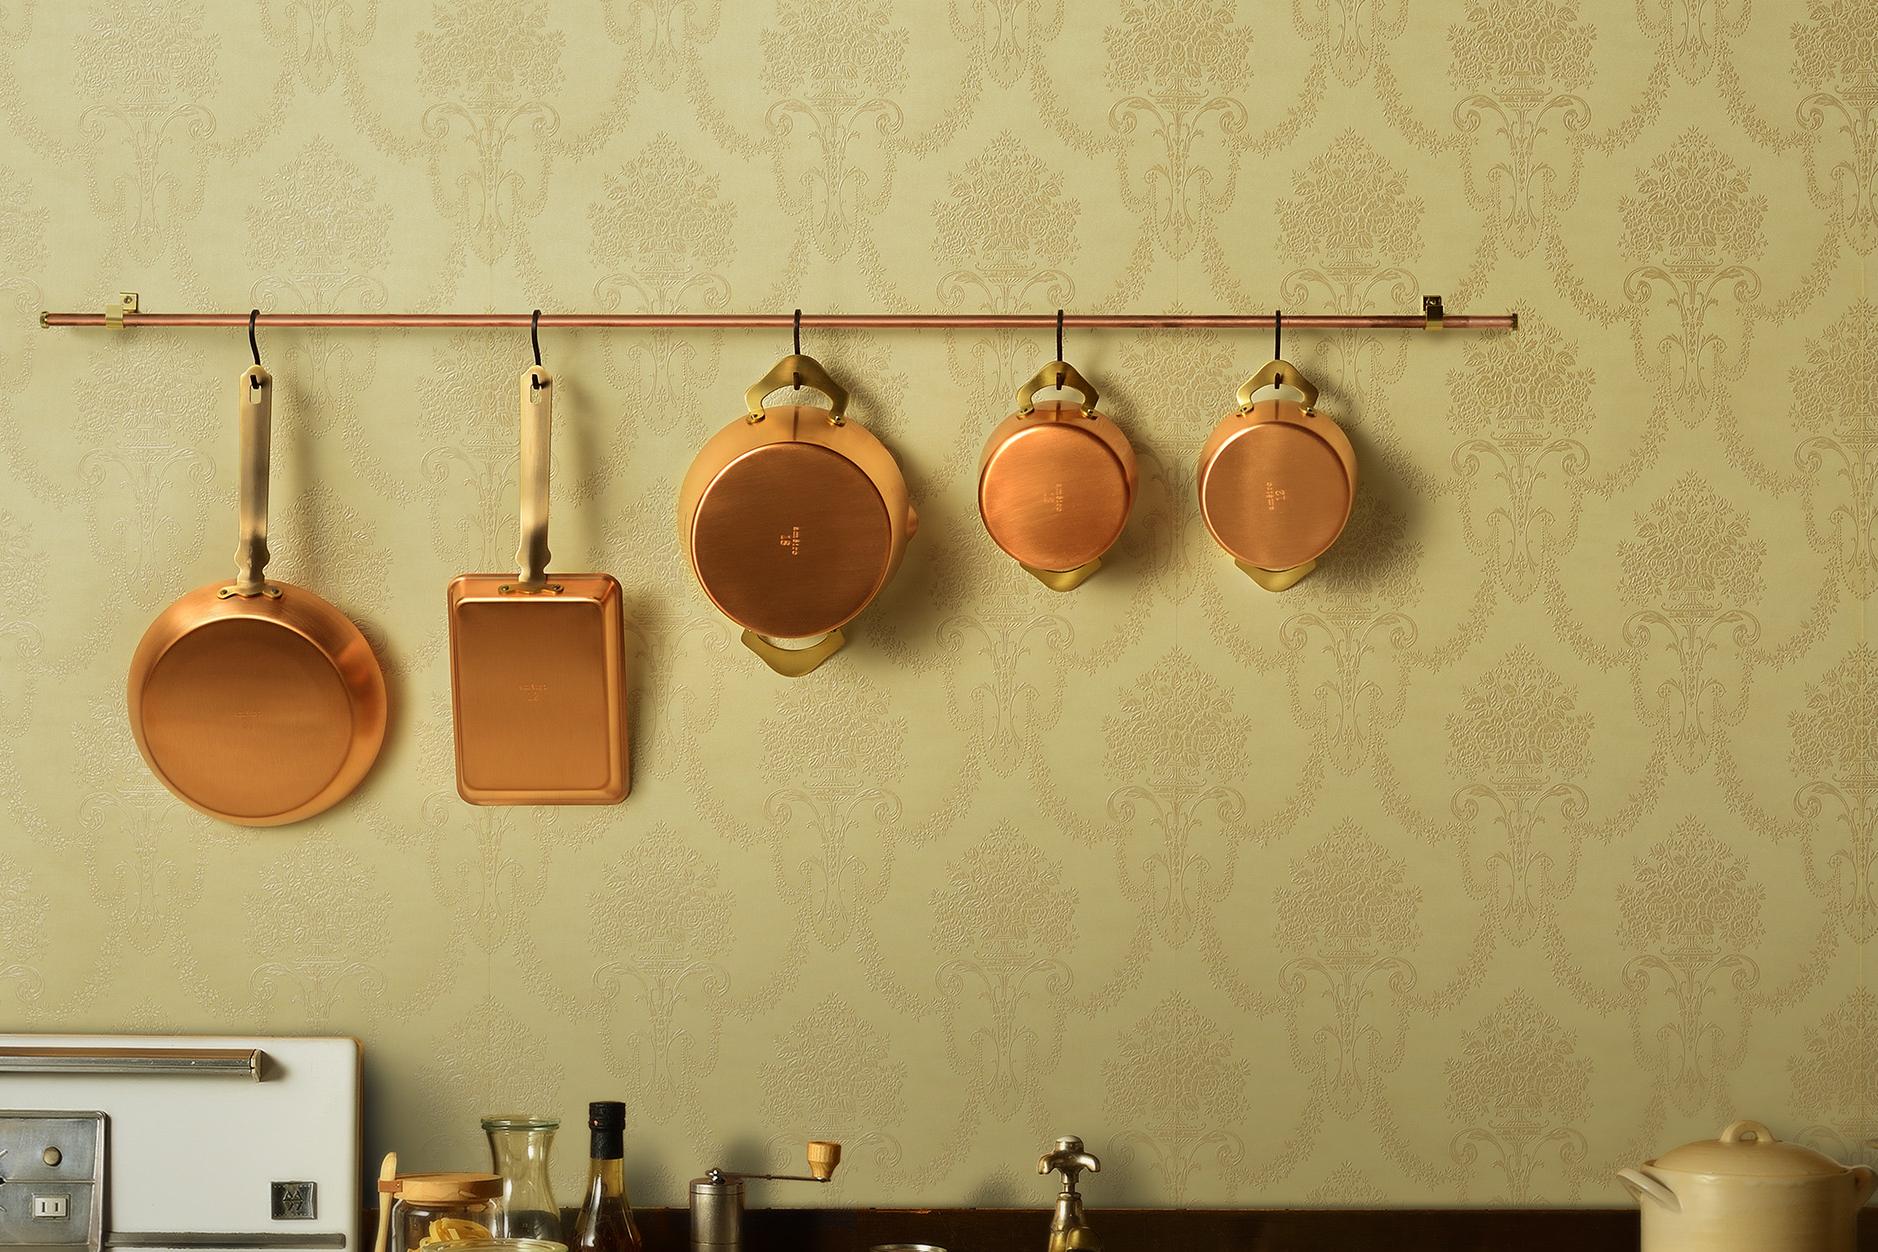 料理が美味しくなる銅製の調理器(フライパン、鍋)